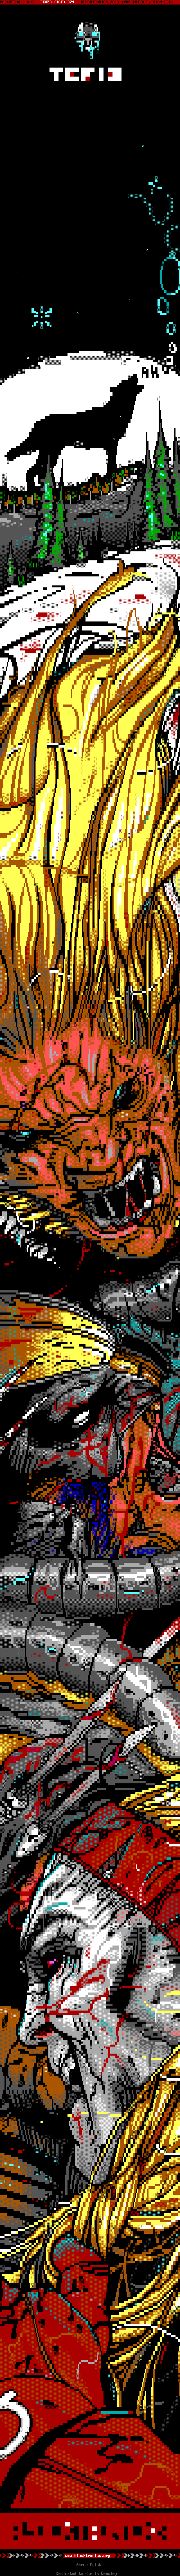 TCF - 13 - Wolverine Battle.ans